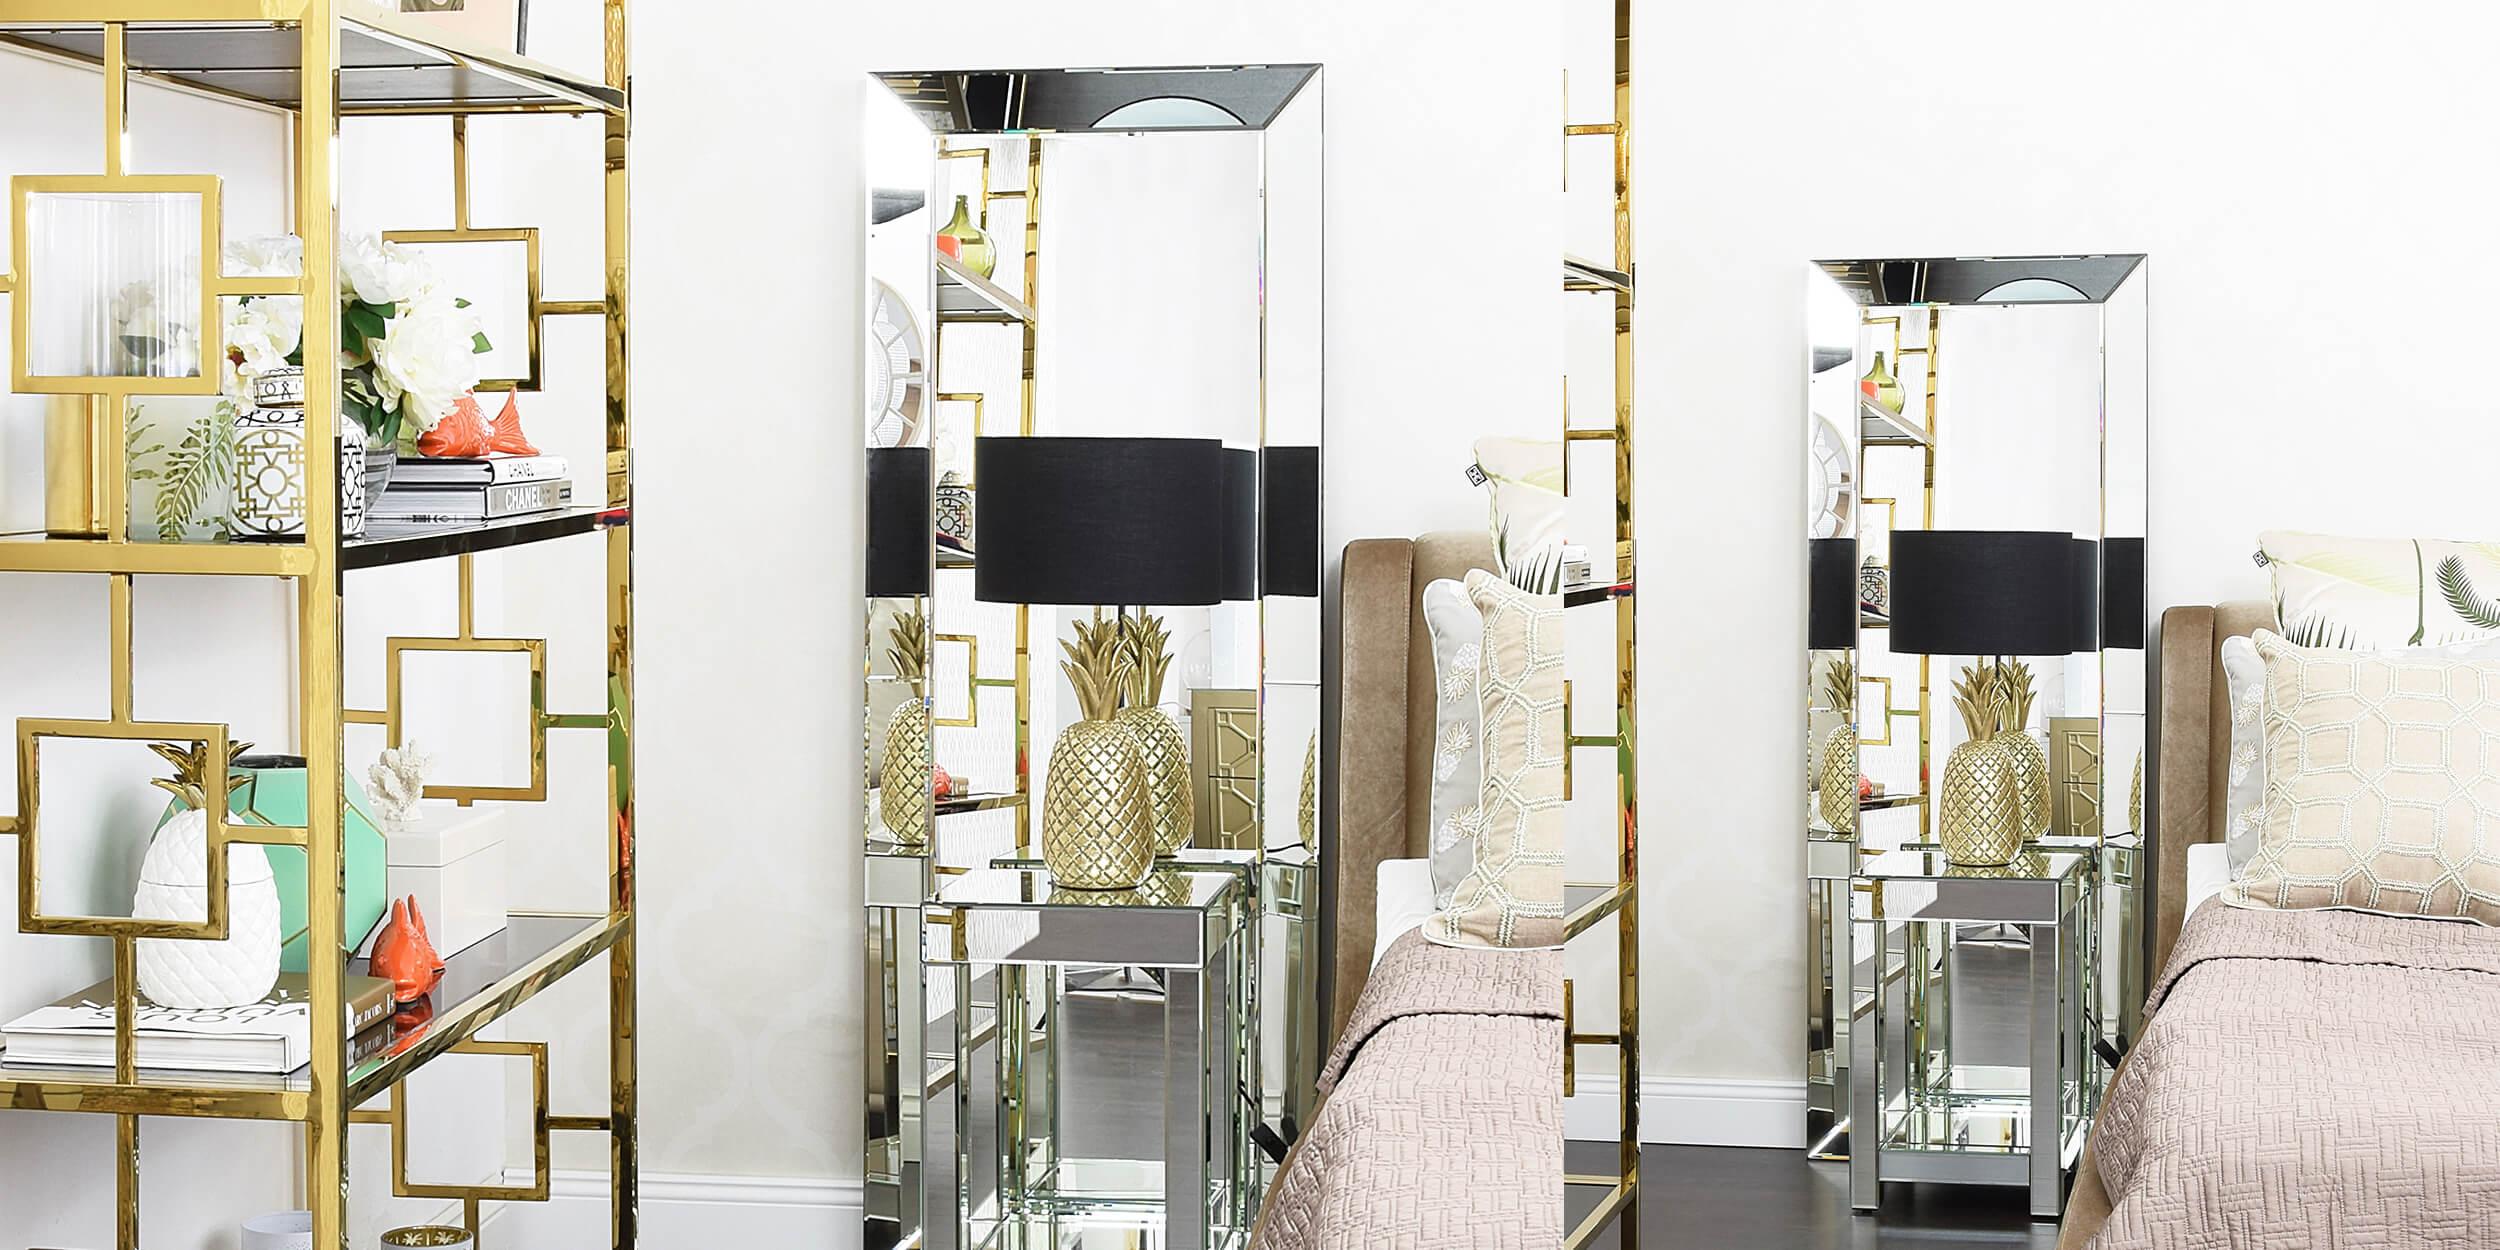 verspiegelter Nachttisch & goldene Ananaslampe